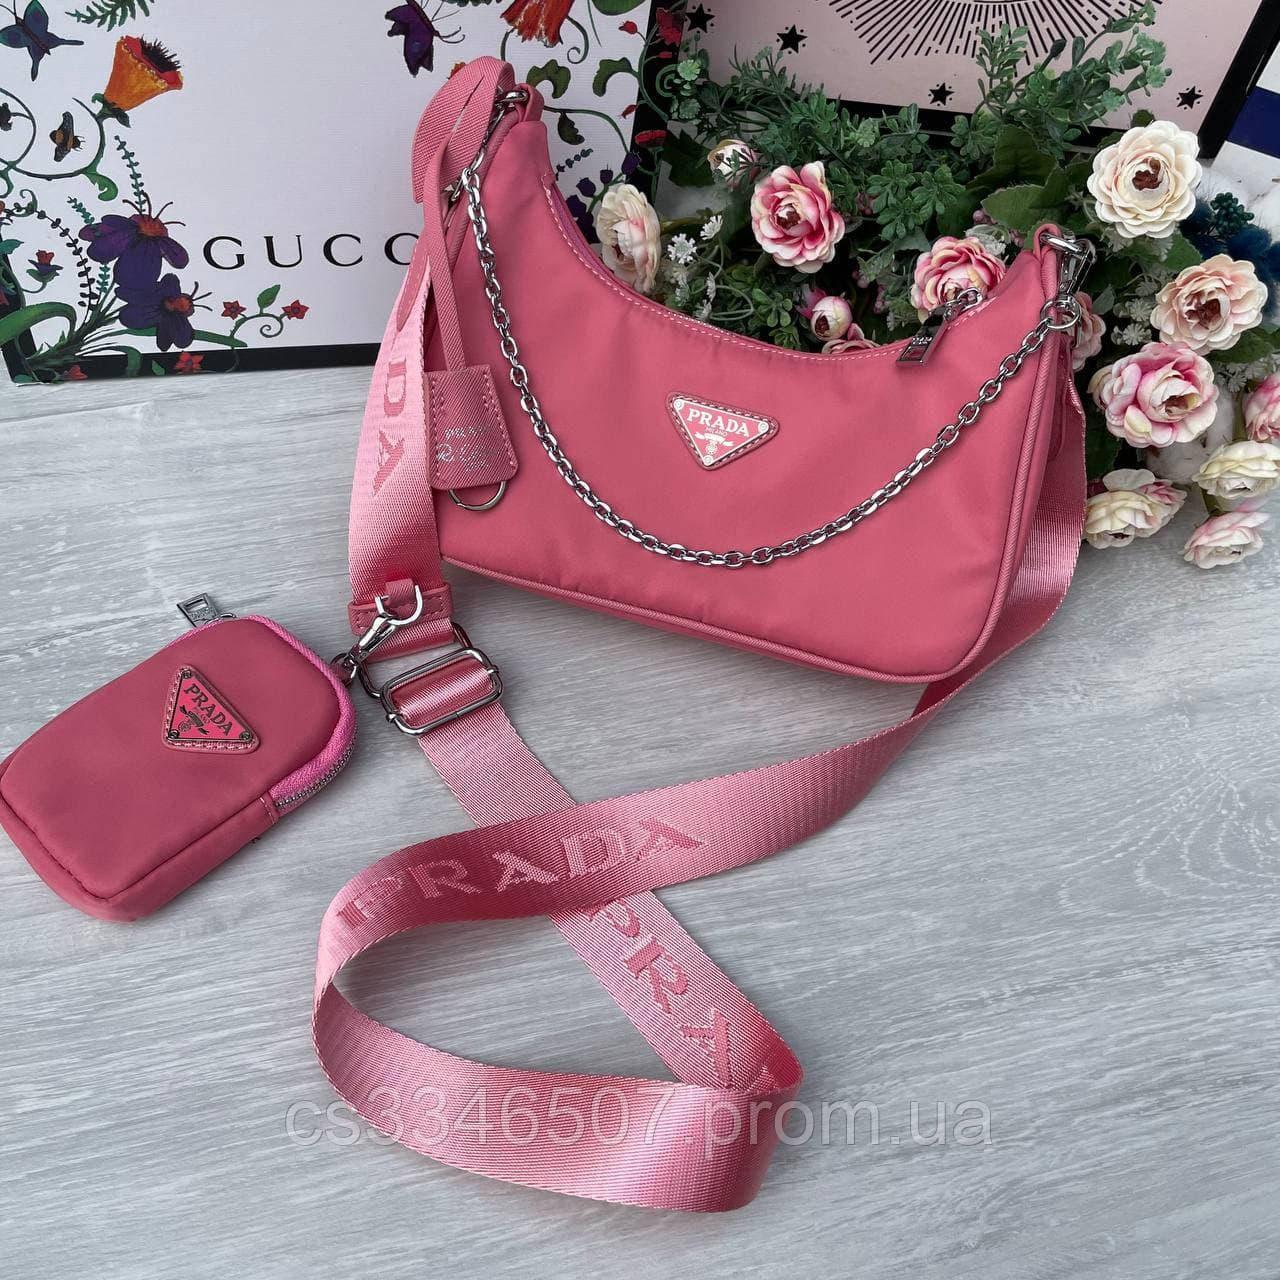 Женская сумка Prada RE-EDITION розовая.Сумка Прада